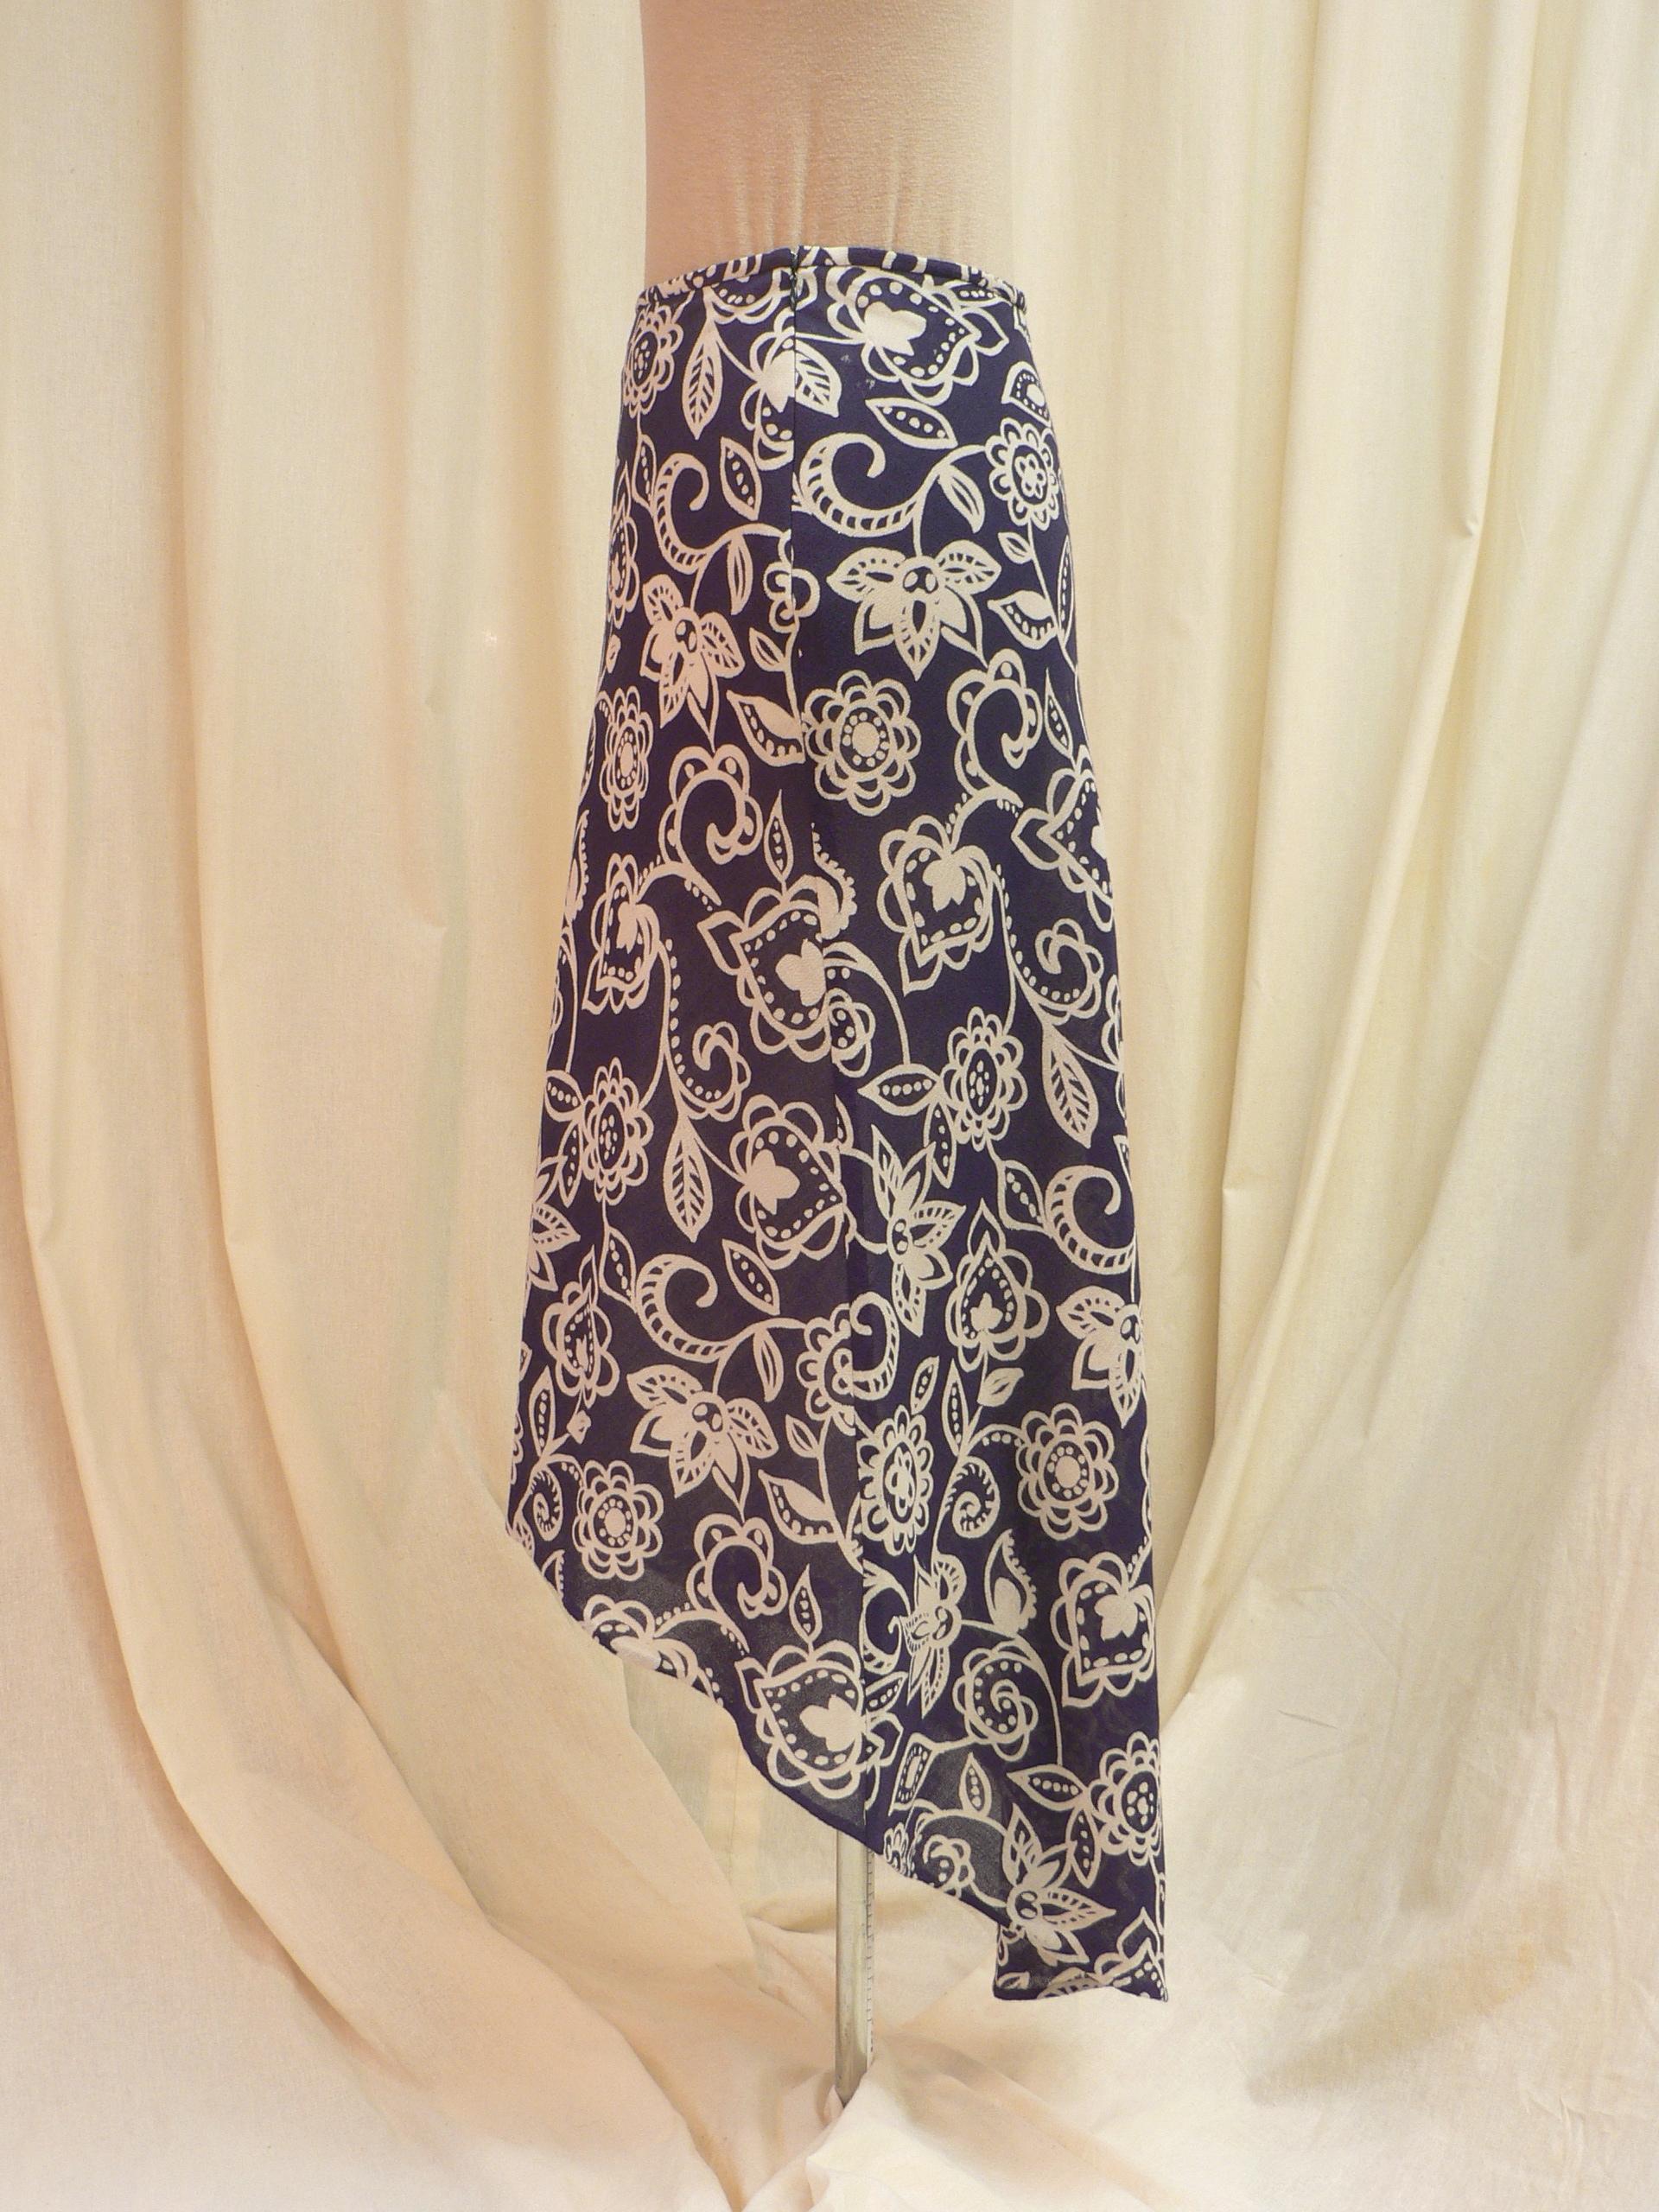 skirt06_side2.JPG